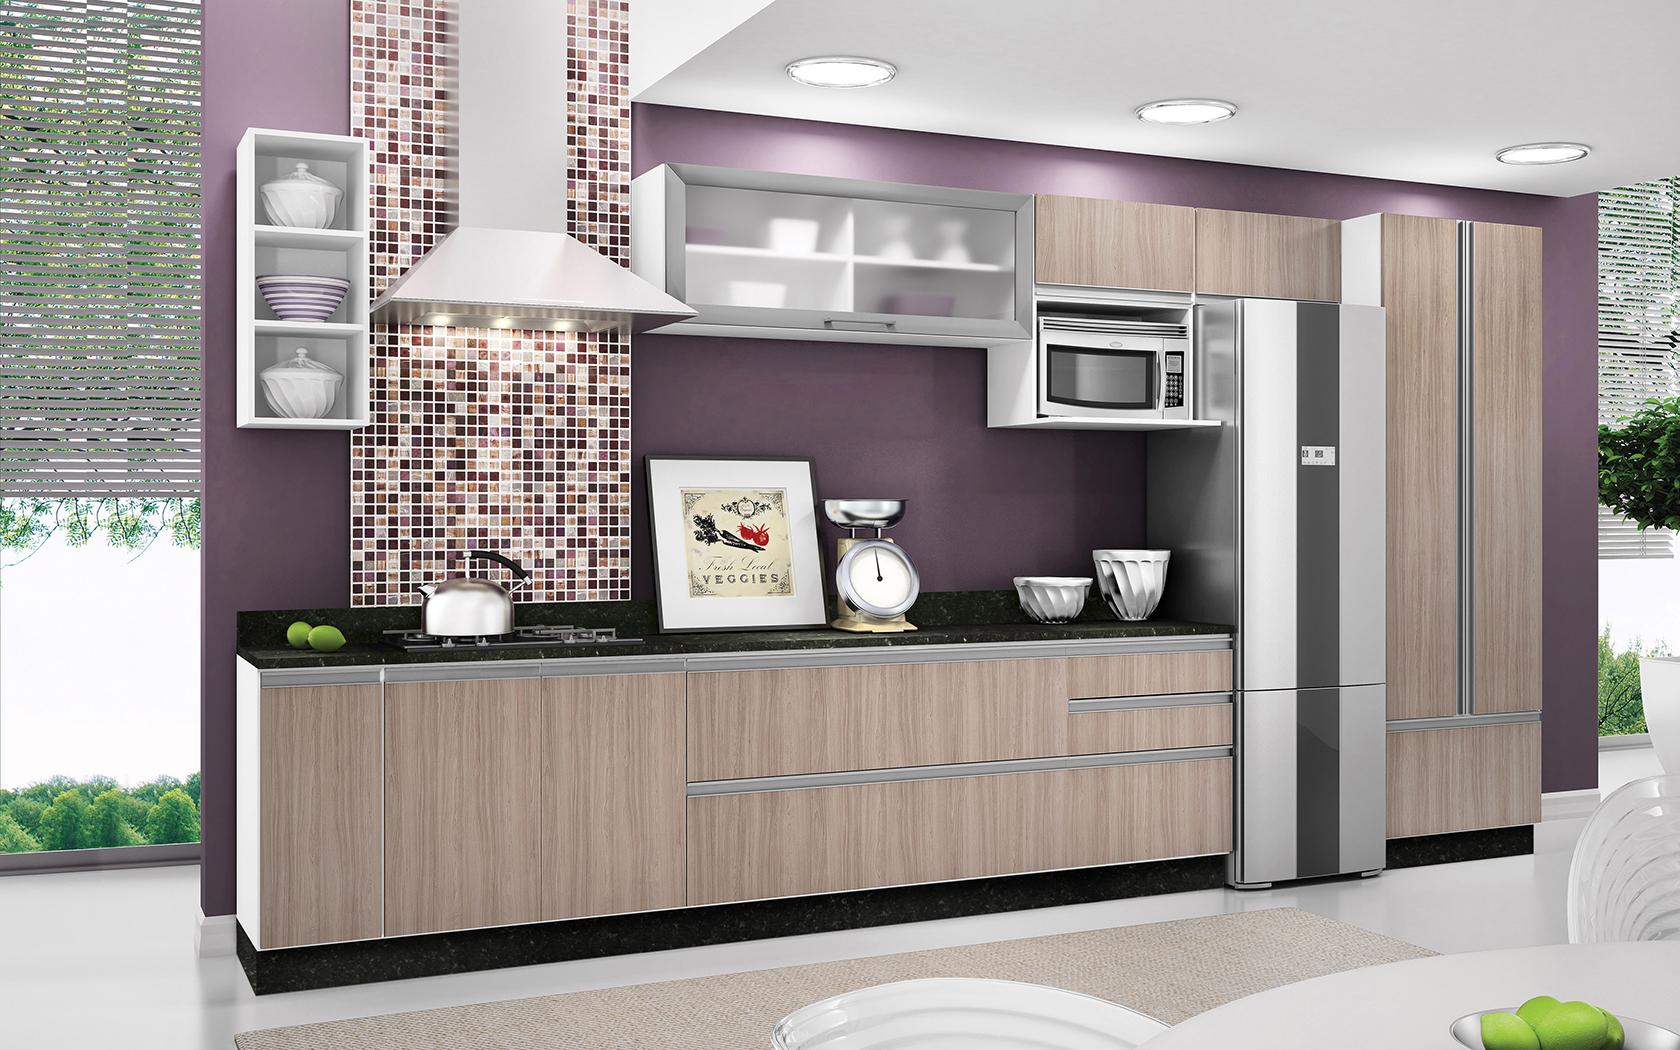 Cozinhas Completas Diferentes Modelos e Marcas Ideias Mix #3B6C43 1680 1050